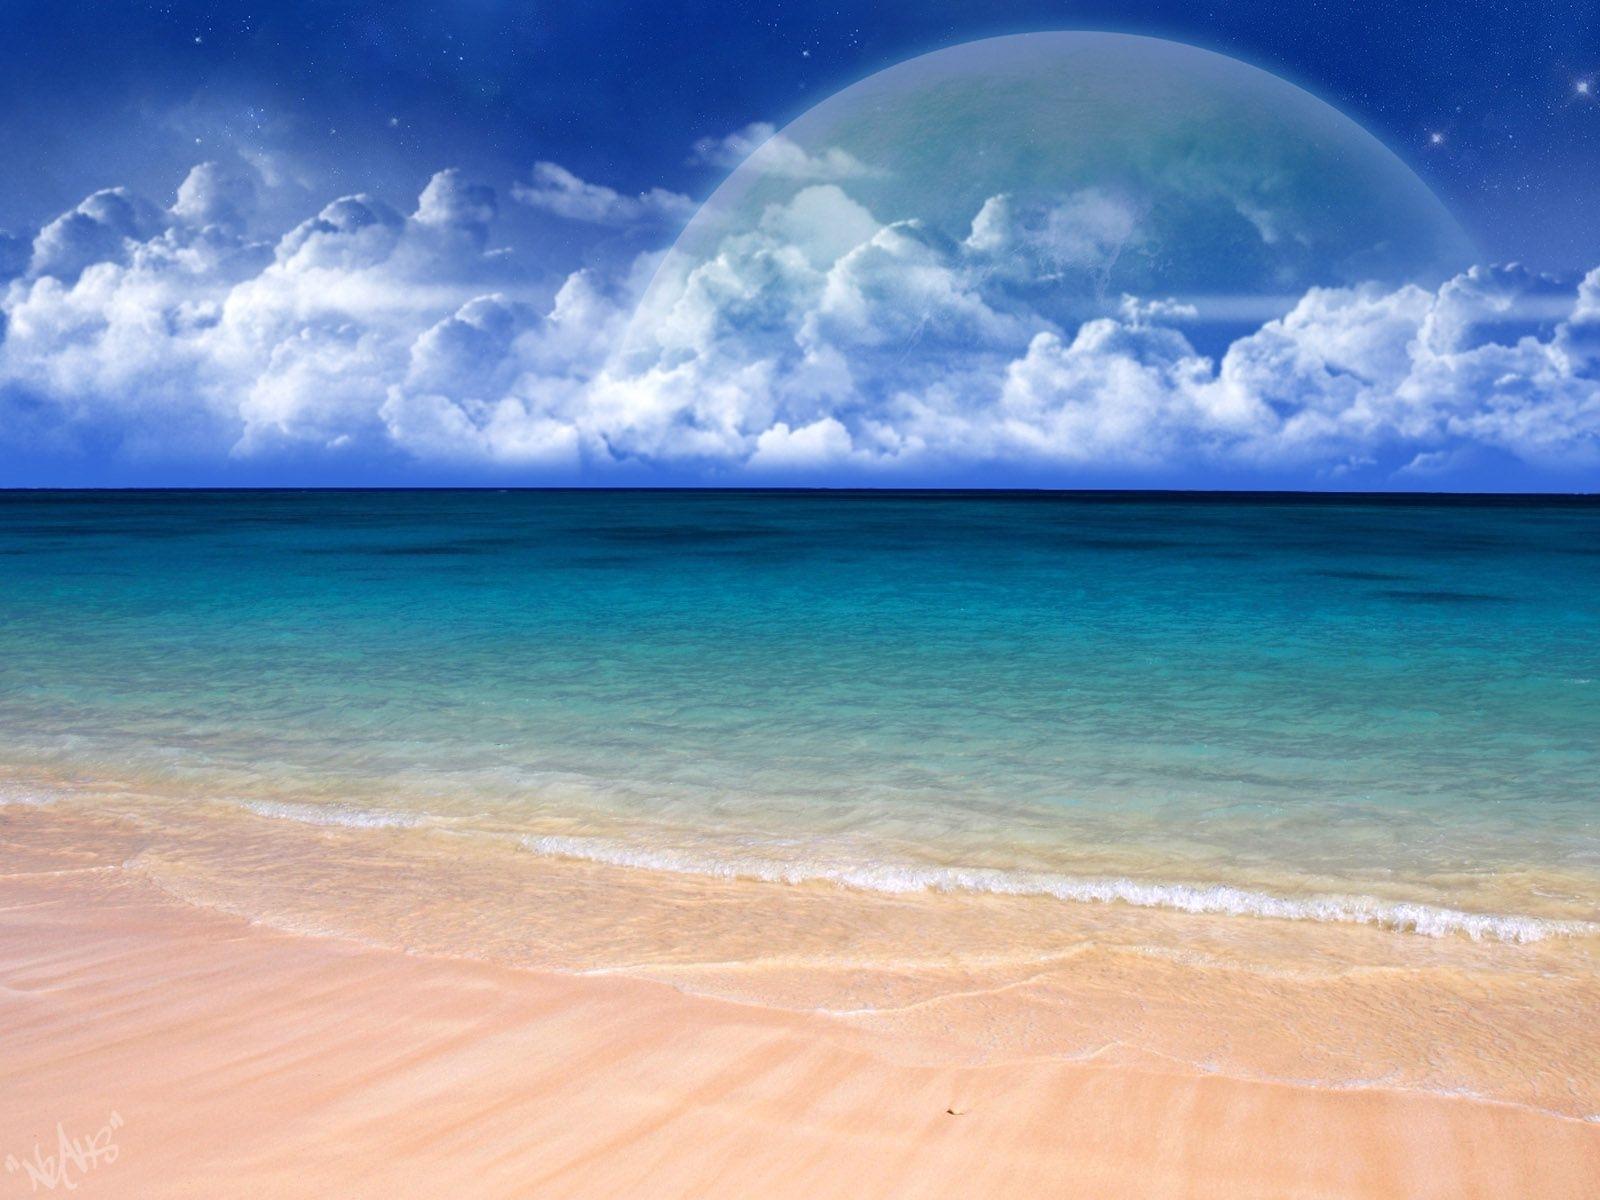 310壁紙のダウンロード風景, 水, スカイ, 海, ビーチ-スクリーンセーバーと写真を無料で